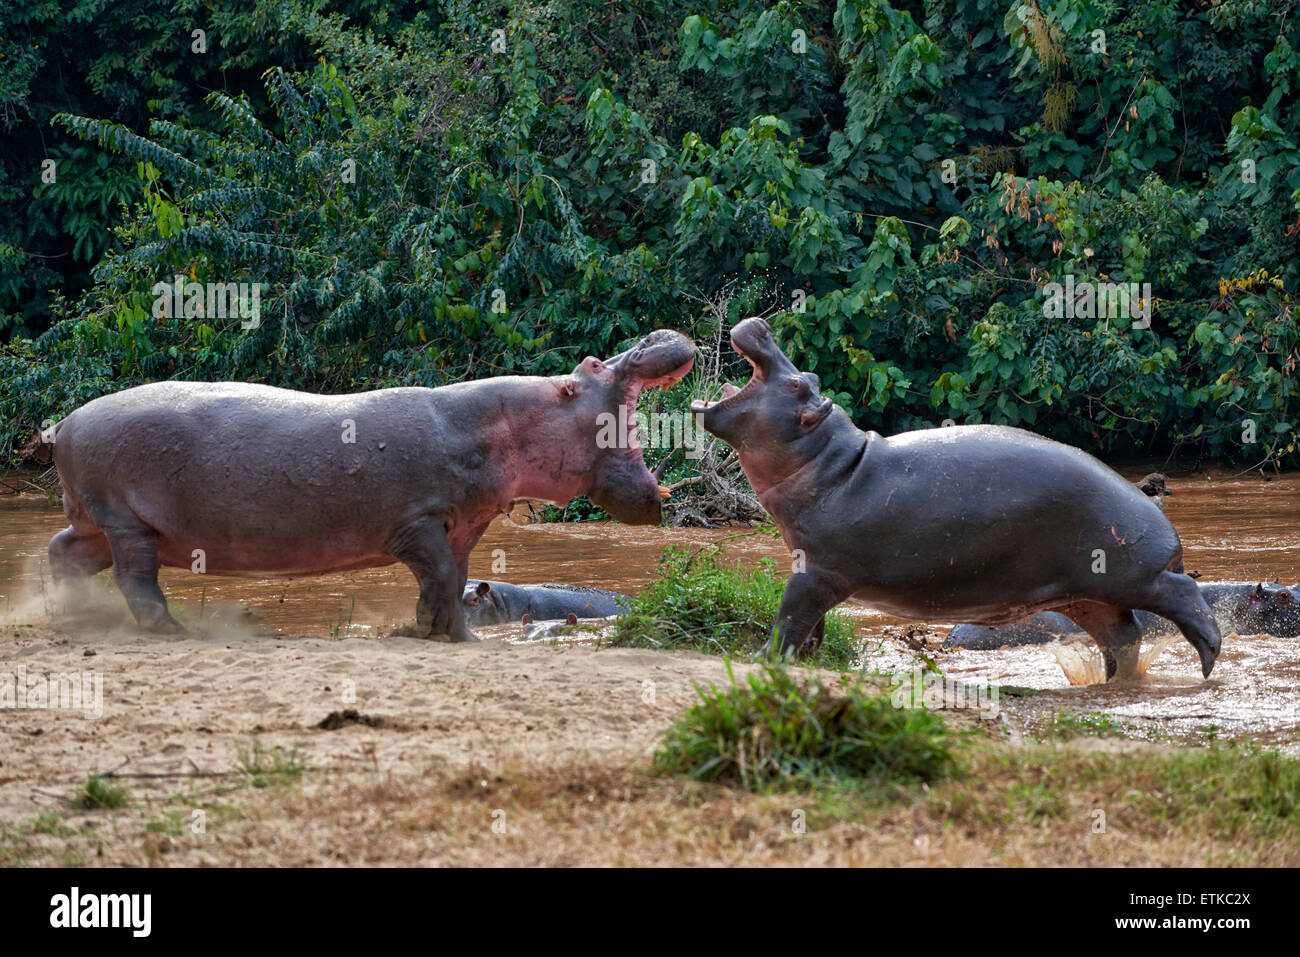 fighting Hippopotamus, Hippopotamus amphibius, Ishasha Sector, Queen Elizabeth National Park, Uganda, Africa - Stock Image